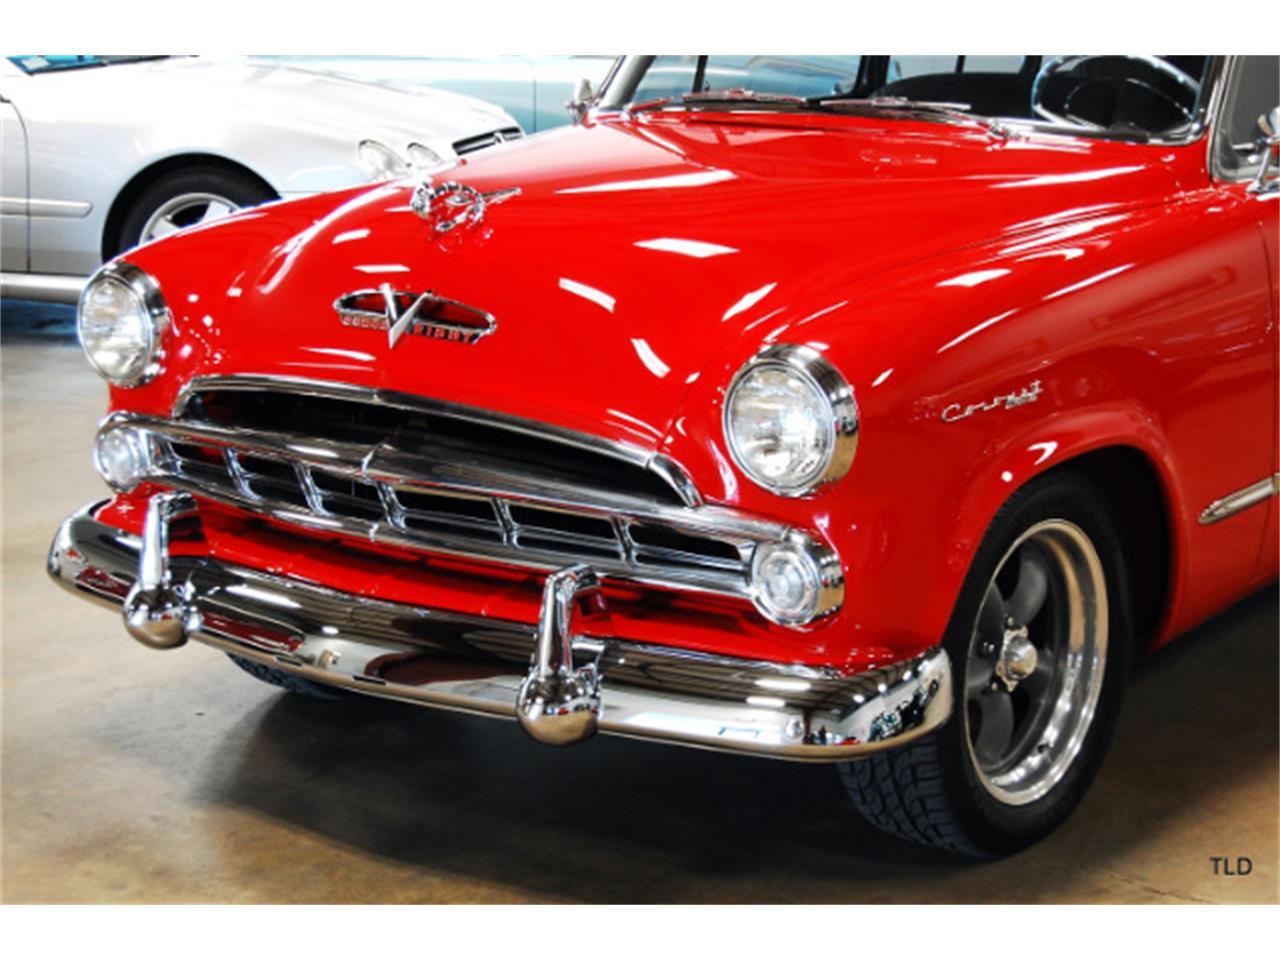 Large Picture of Classic 1953 Dodge Coronet located in Illinois - $48,000.00 - L6DA